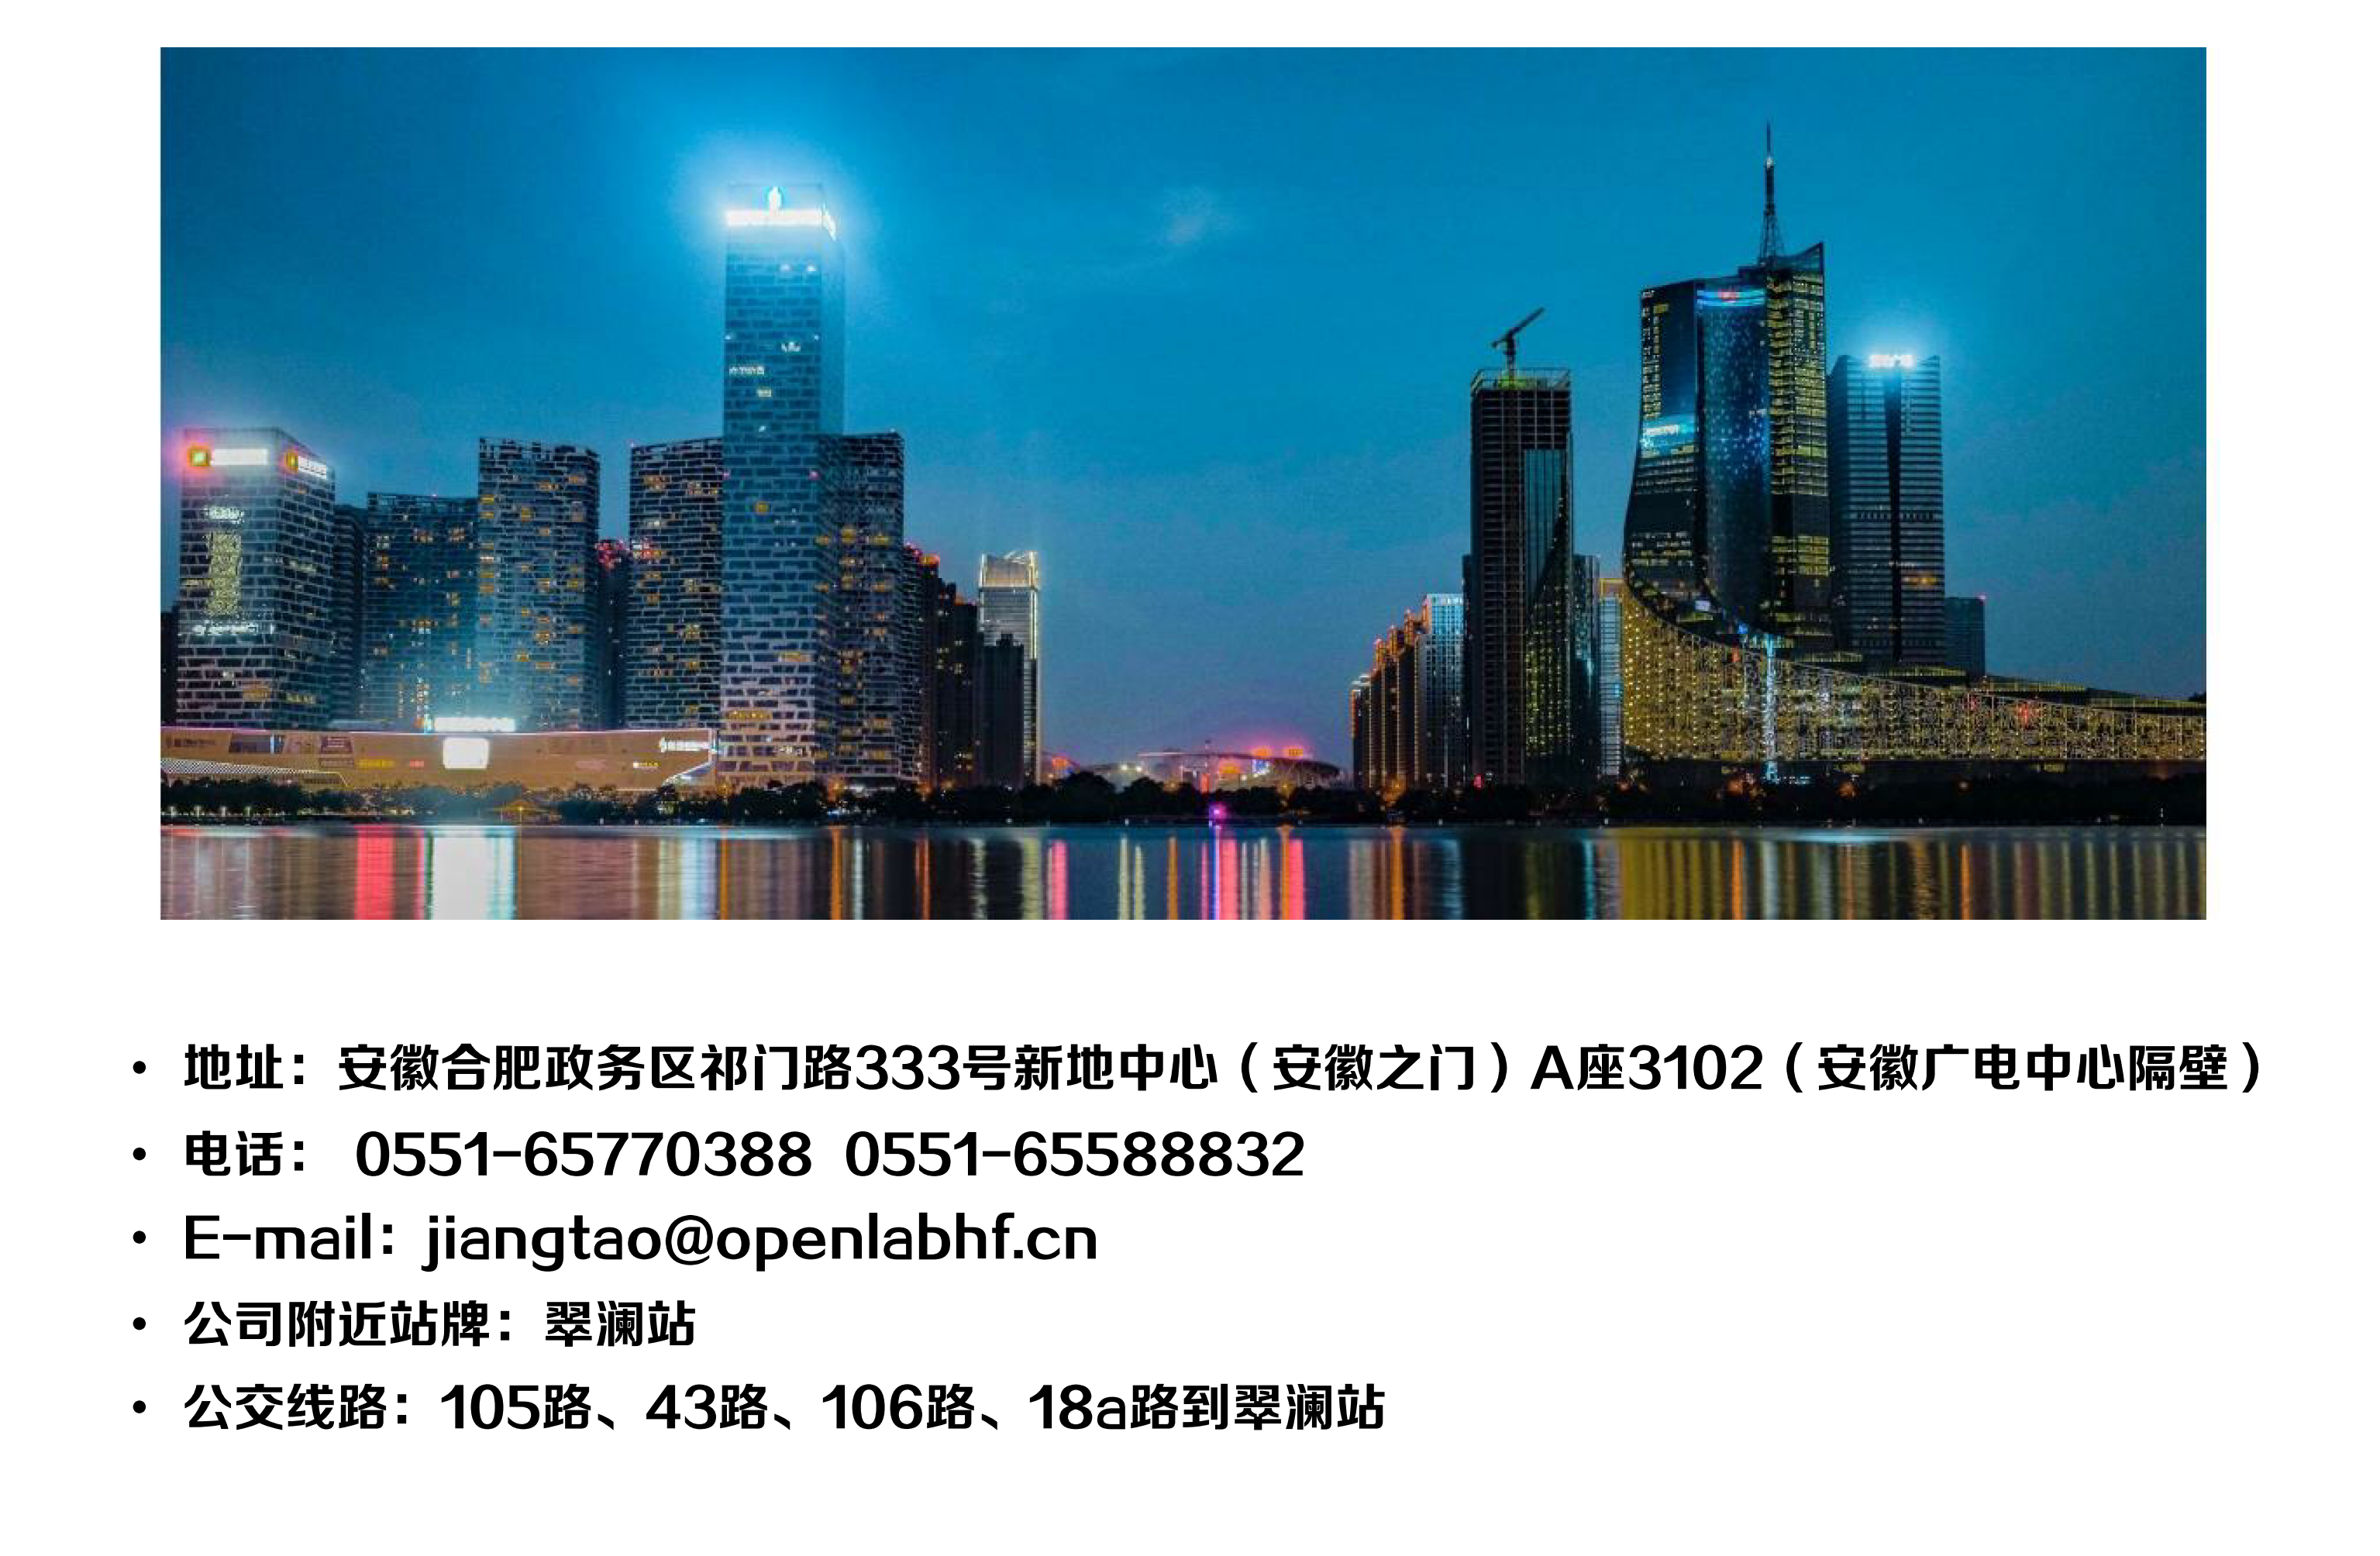 公司简介-安徽肯耐博国际IT认证培训考试中心-2019_01